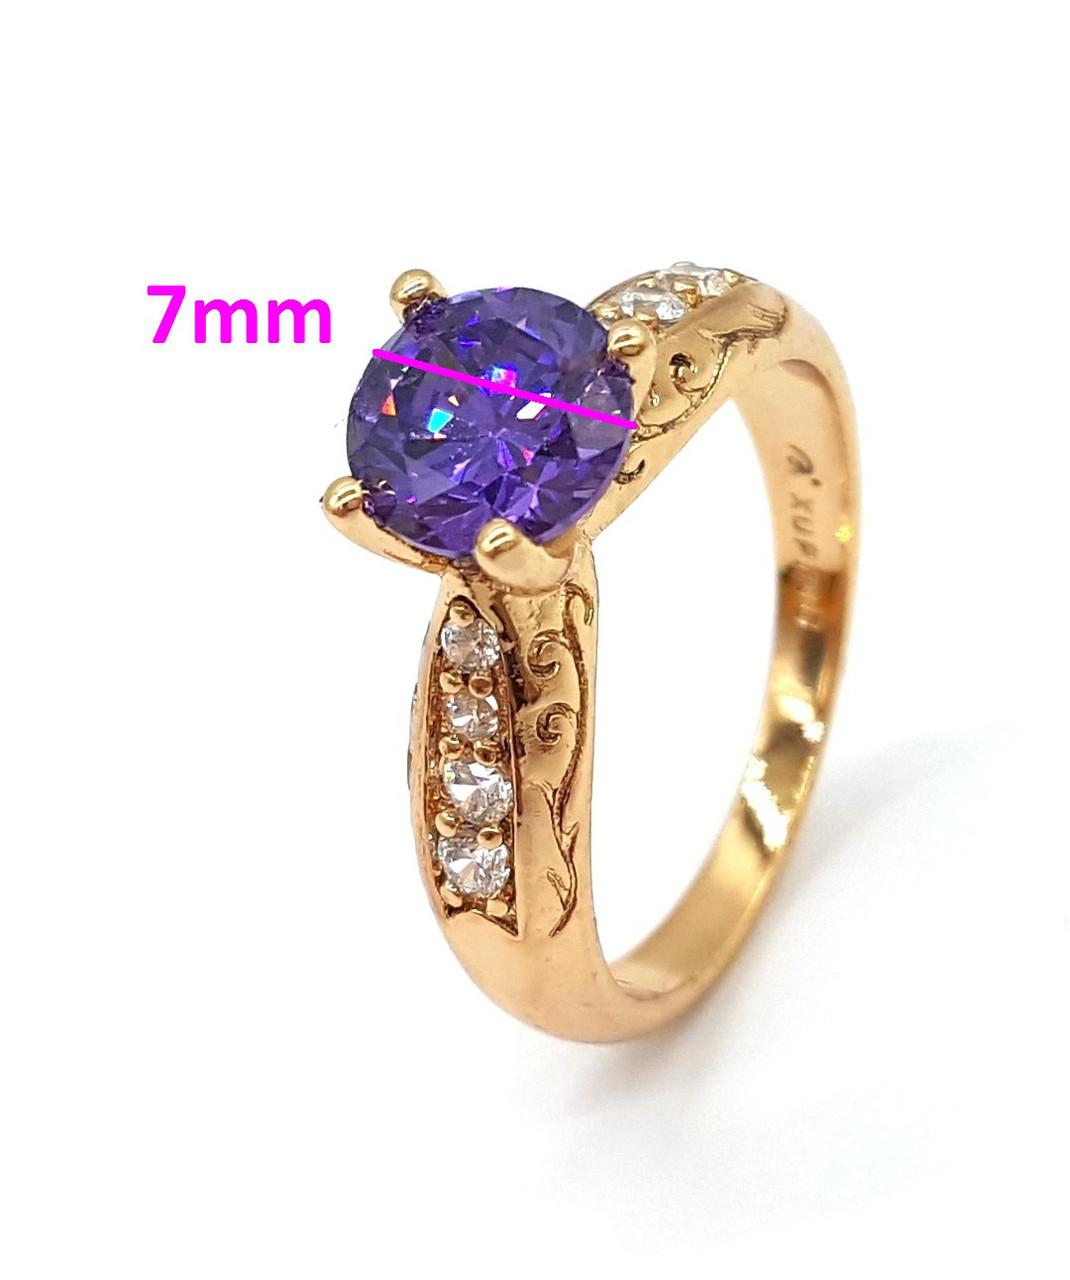 Кольцо позолота с фиолетовым цирконием, р.17